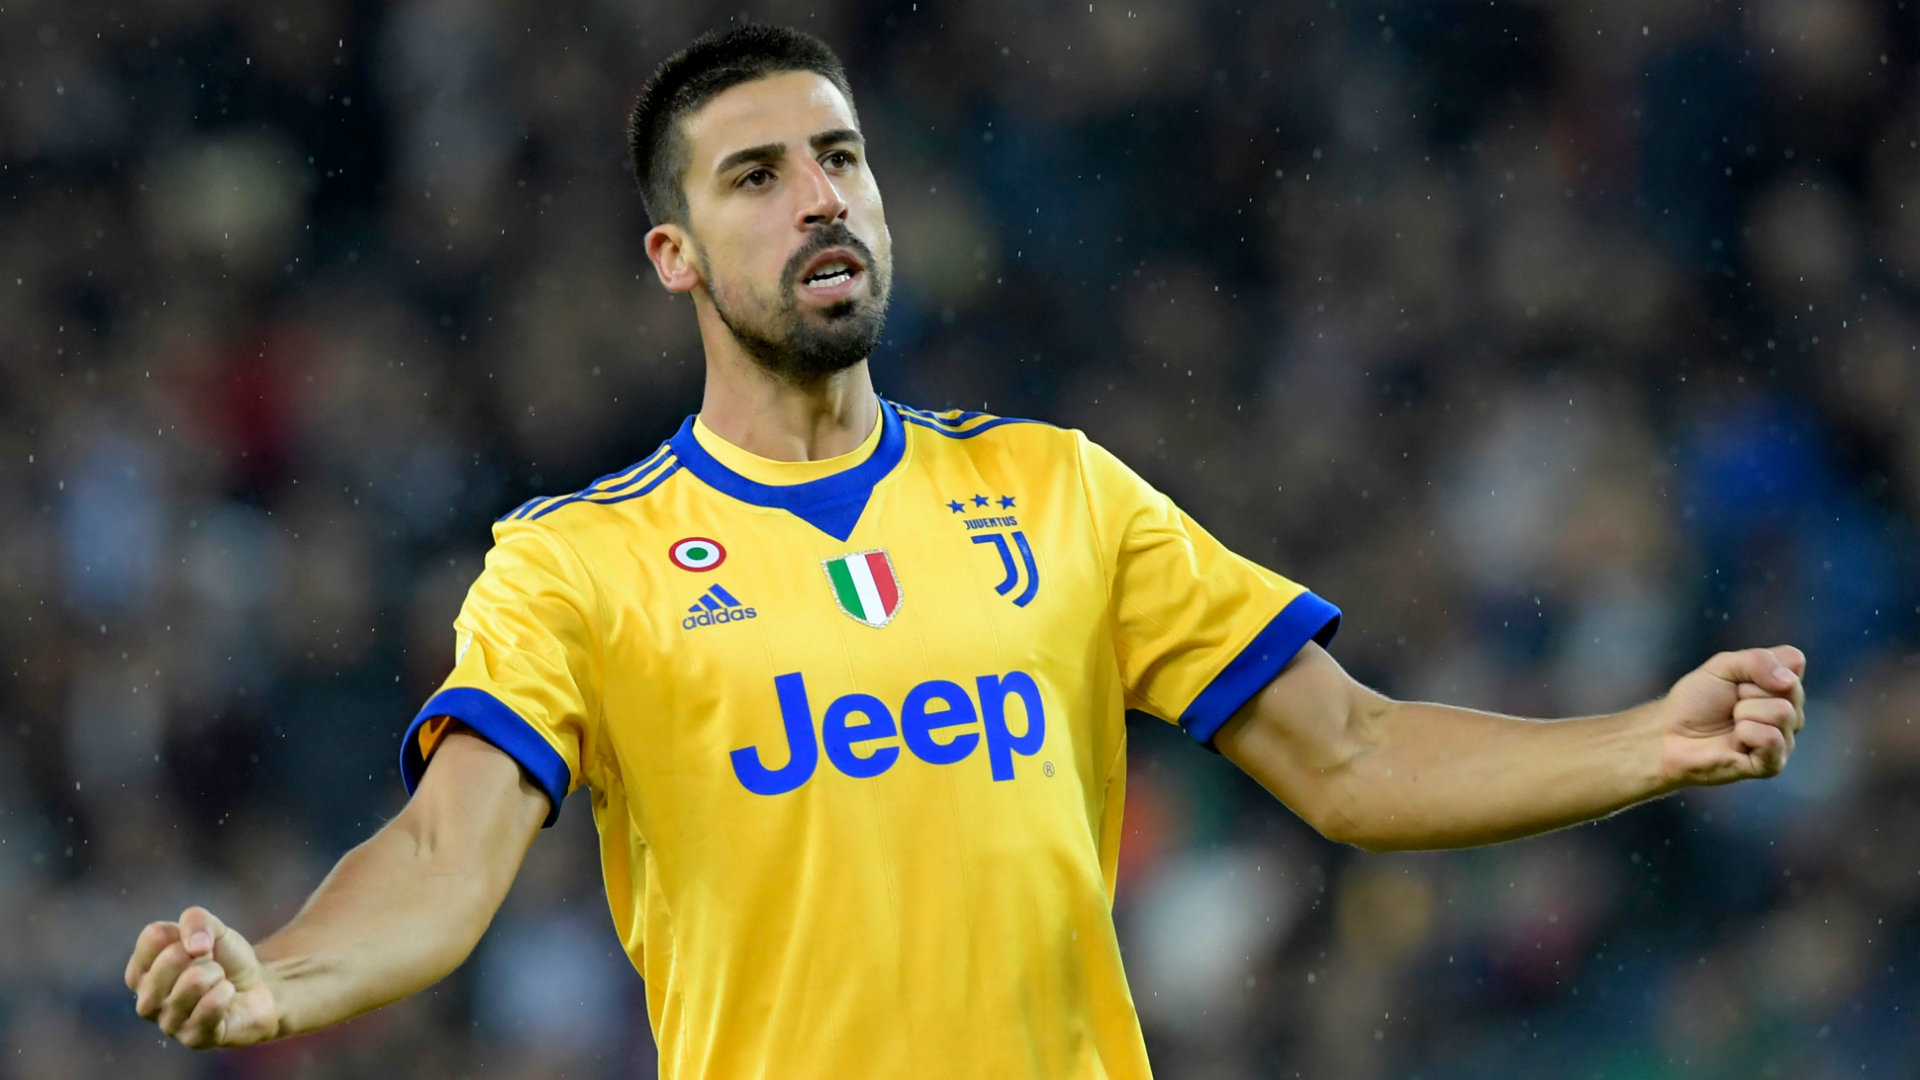 Khedira Udinese Juventus Serie A